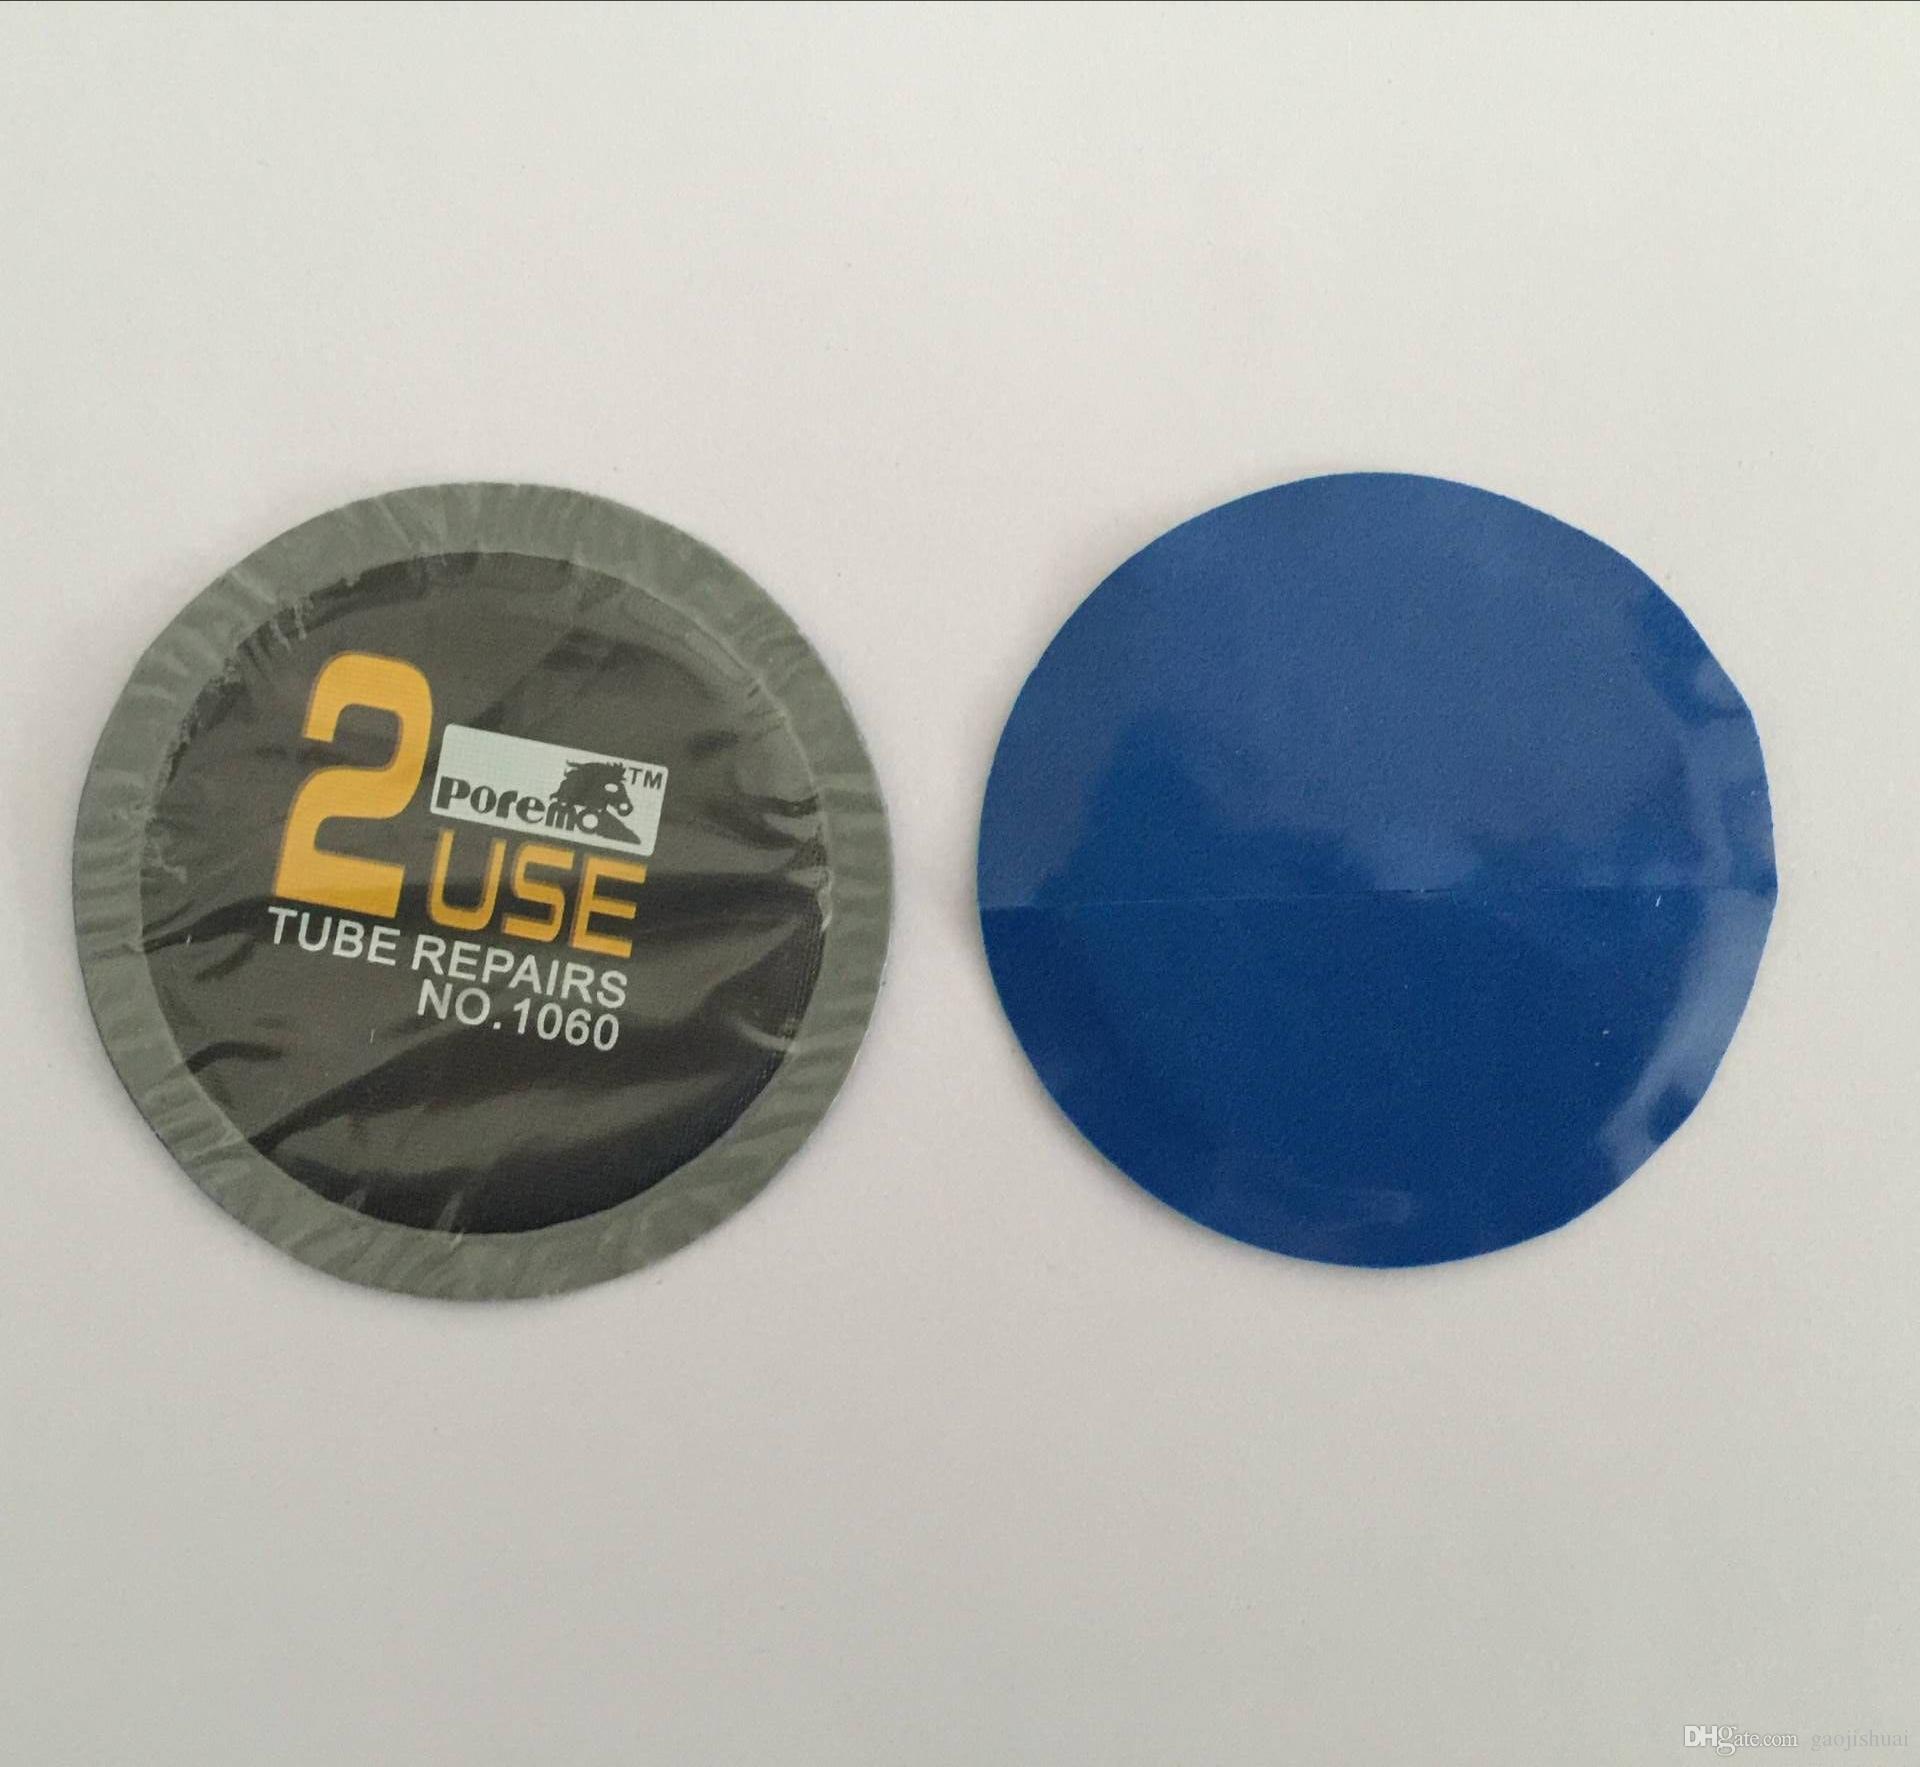 30 pezzi / scatola // 57mm rotonda Tubeless patch per riparazione pneumatici. Camera d'aria per riparazione pneumatici